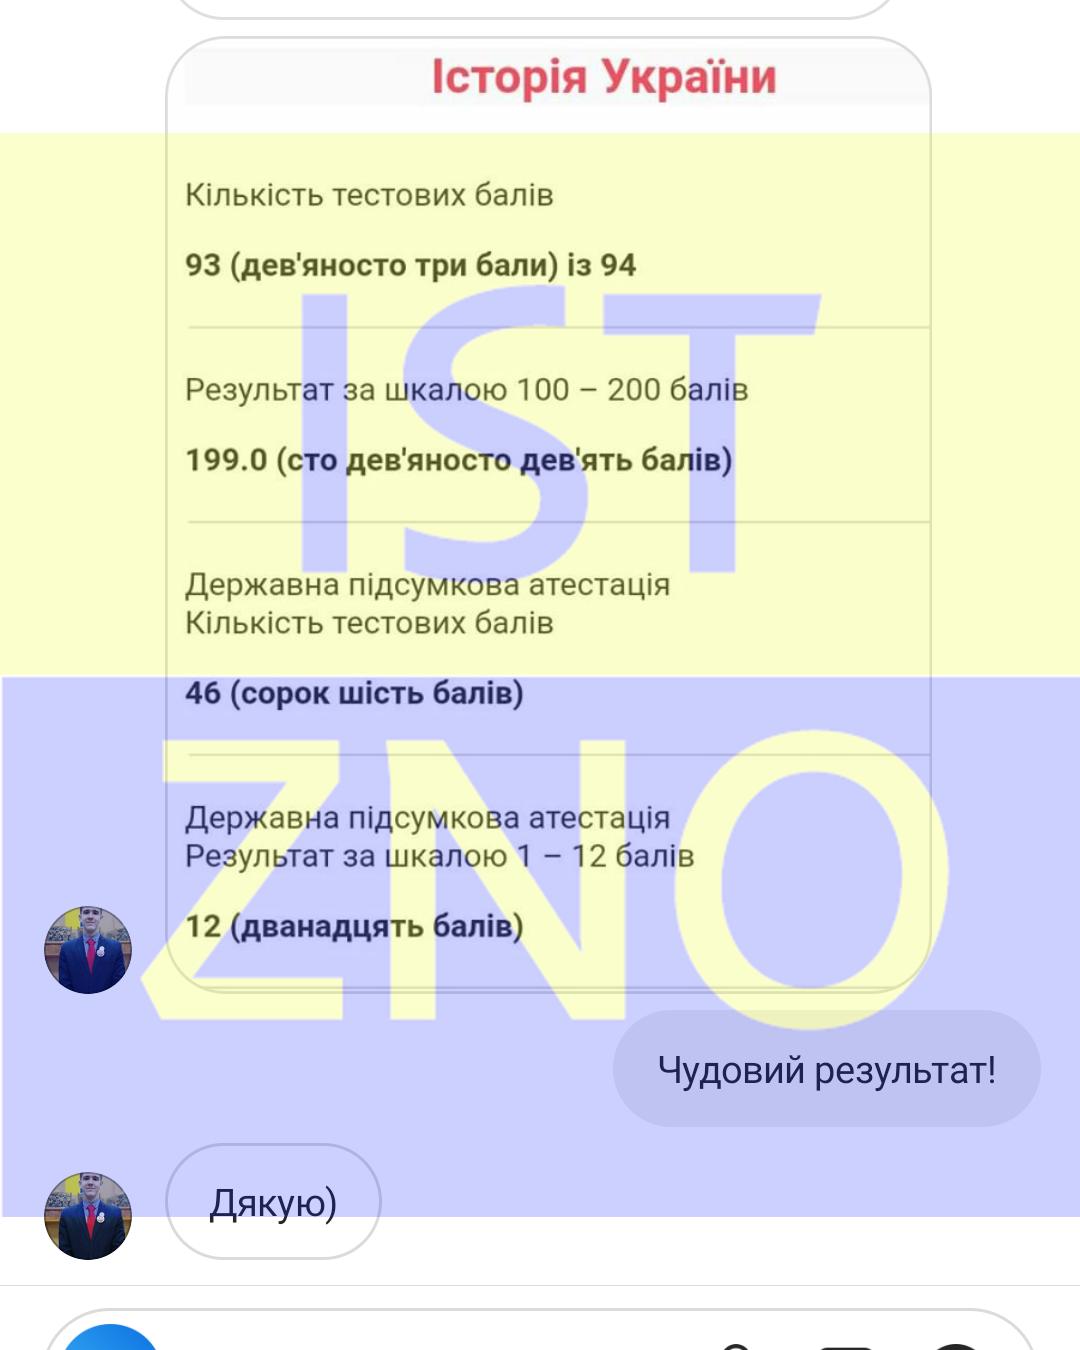 Screenshot_2019-06-22-01-36-15-774_com.instagram.android